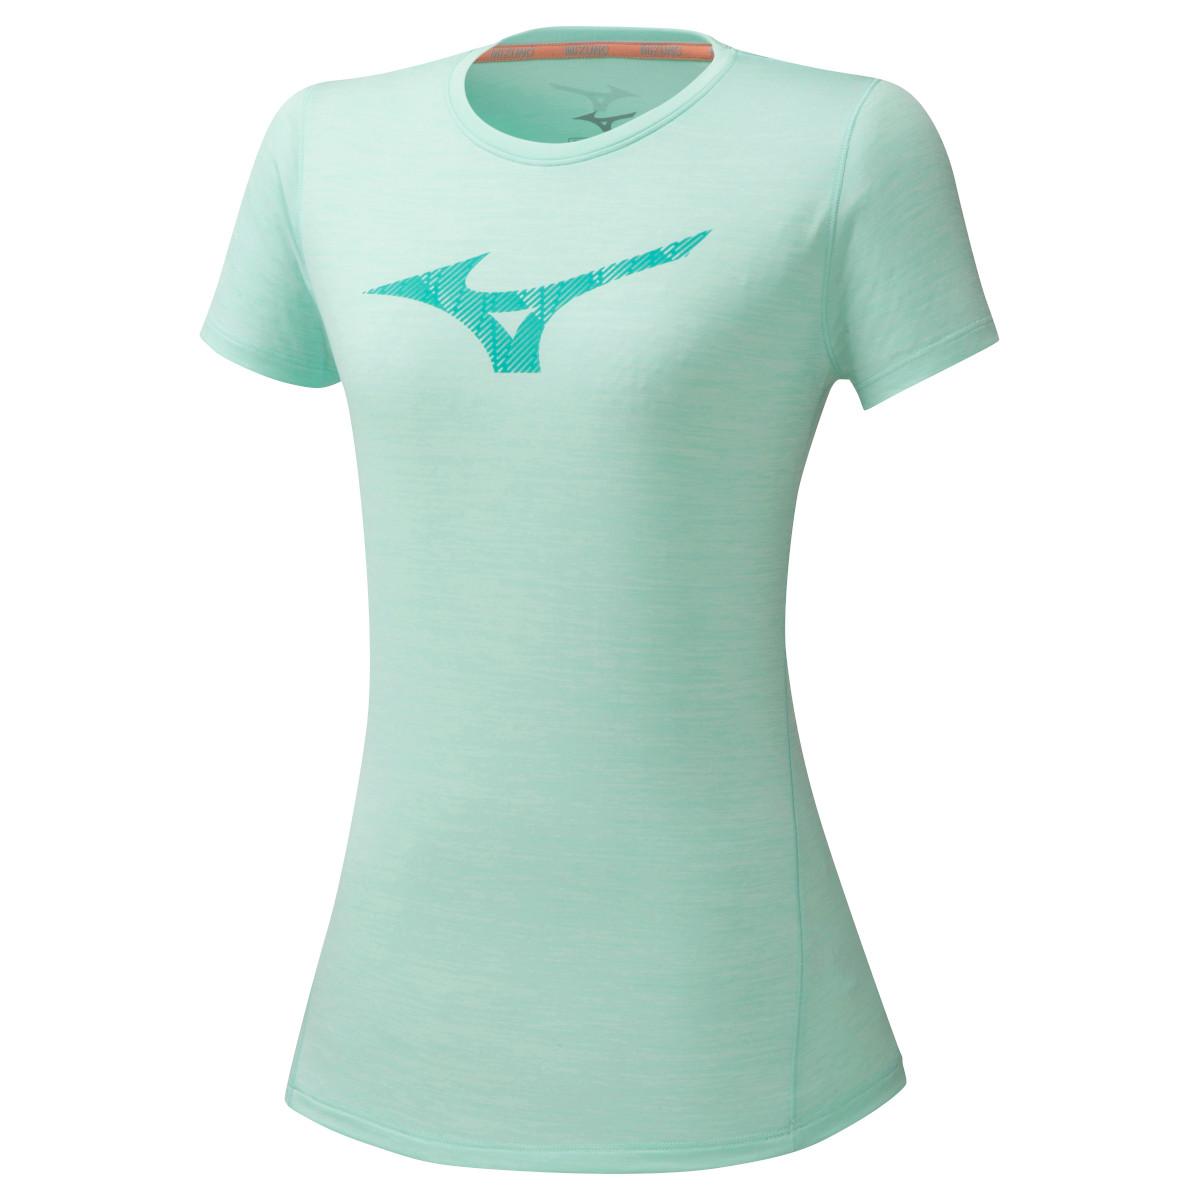 Mizuno Core Graphic RB Women's T-Shirt - Beach Glass